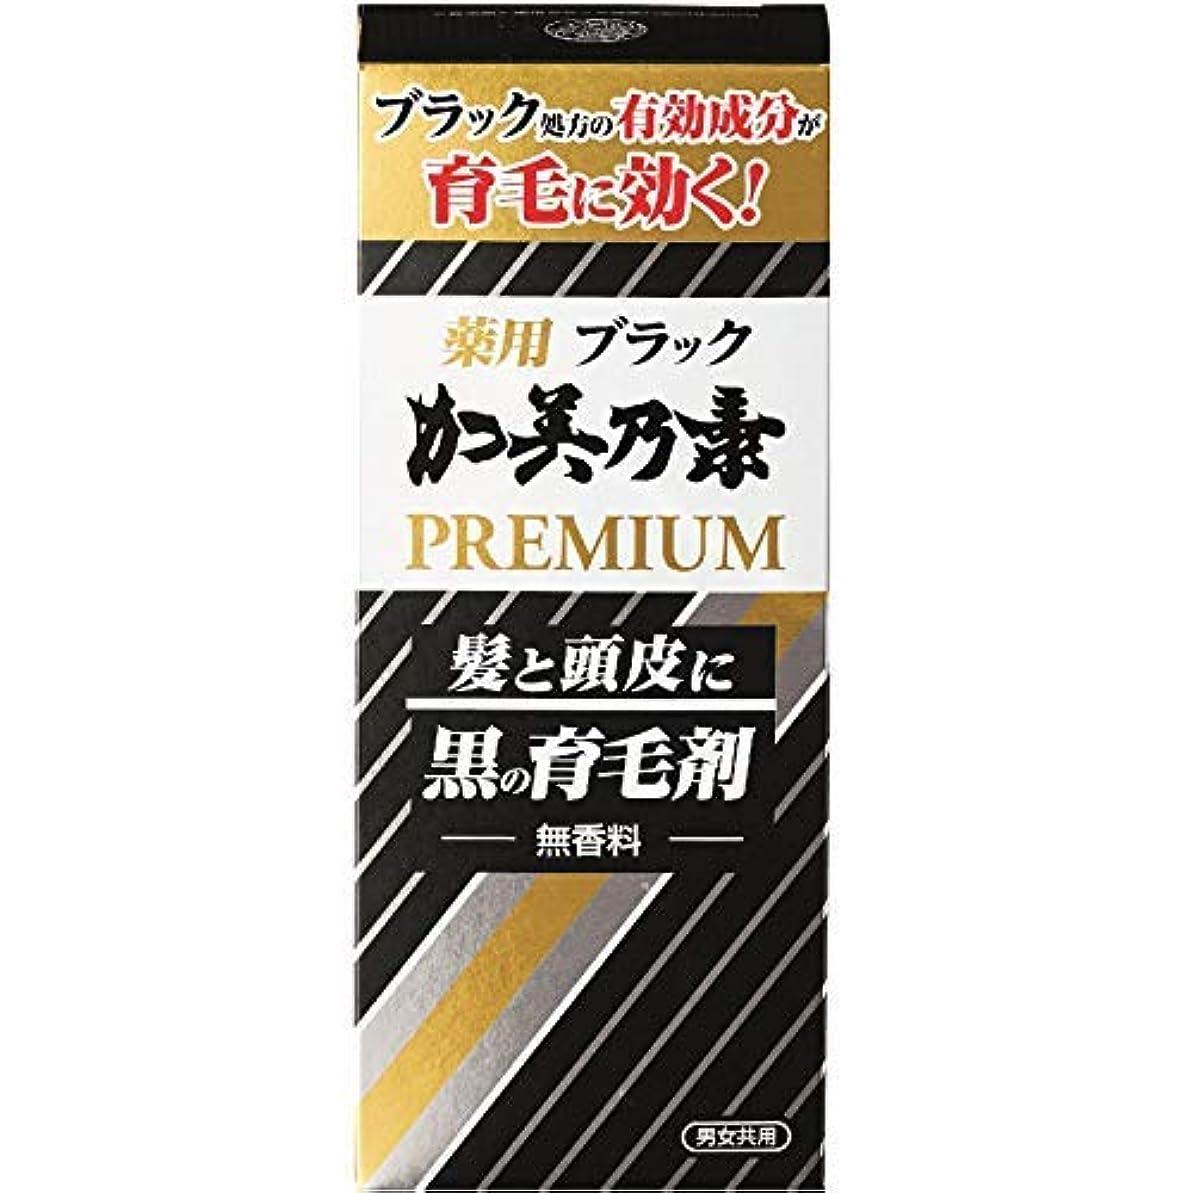 服を洗う加害者有名なブラック加美乃素 プレミアム × 18個セット